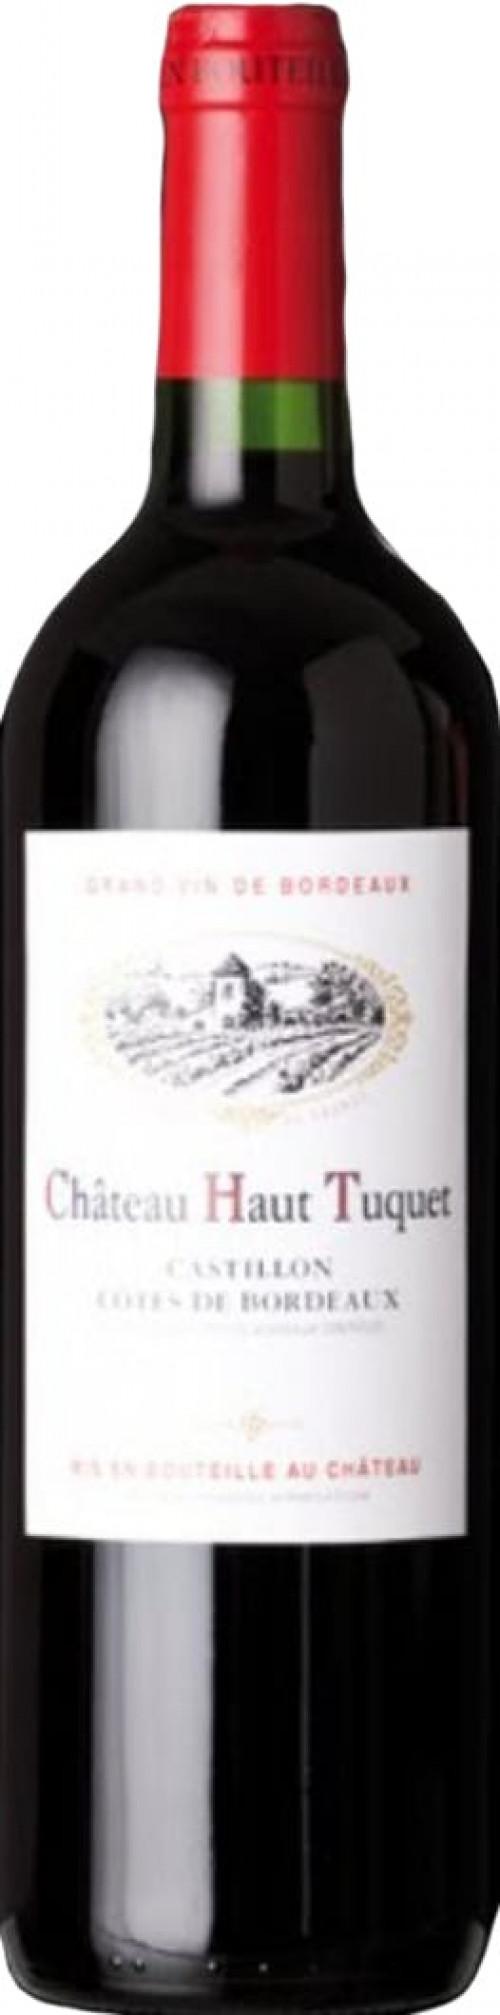 2018 Chateau Haut Tuquet, Cotes de Bordeaux Castillon 750ml